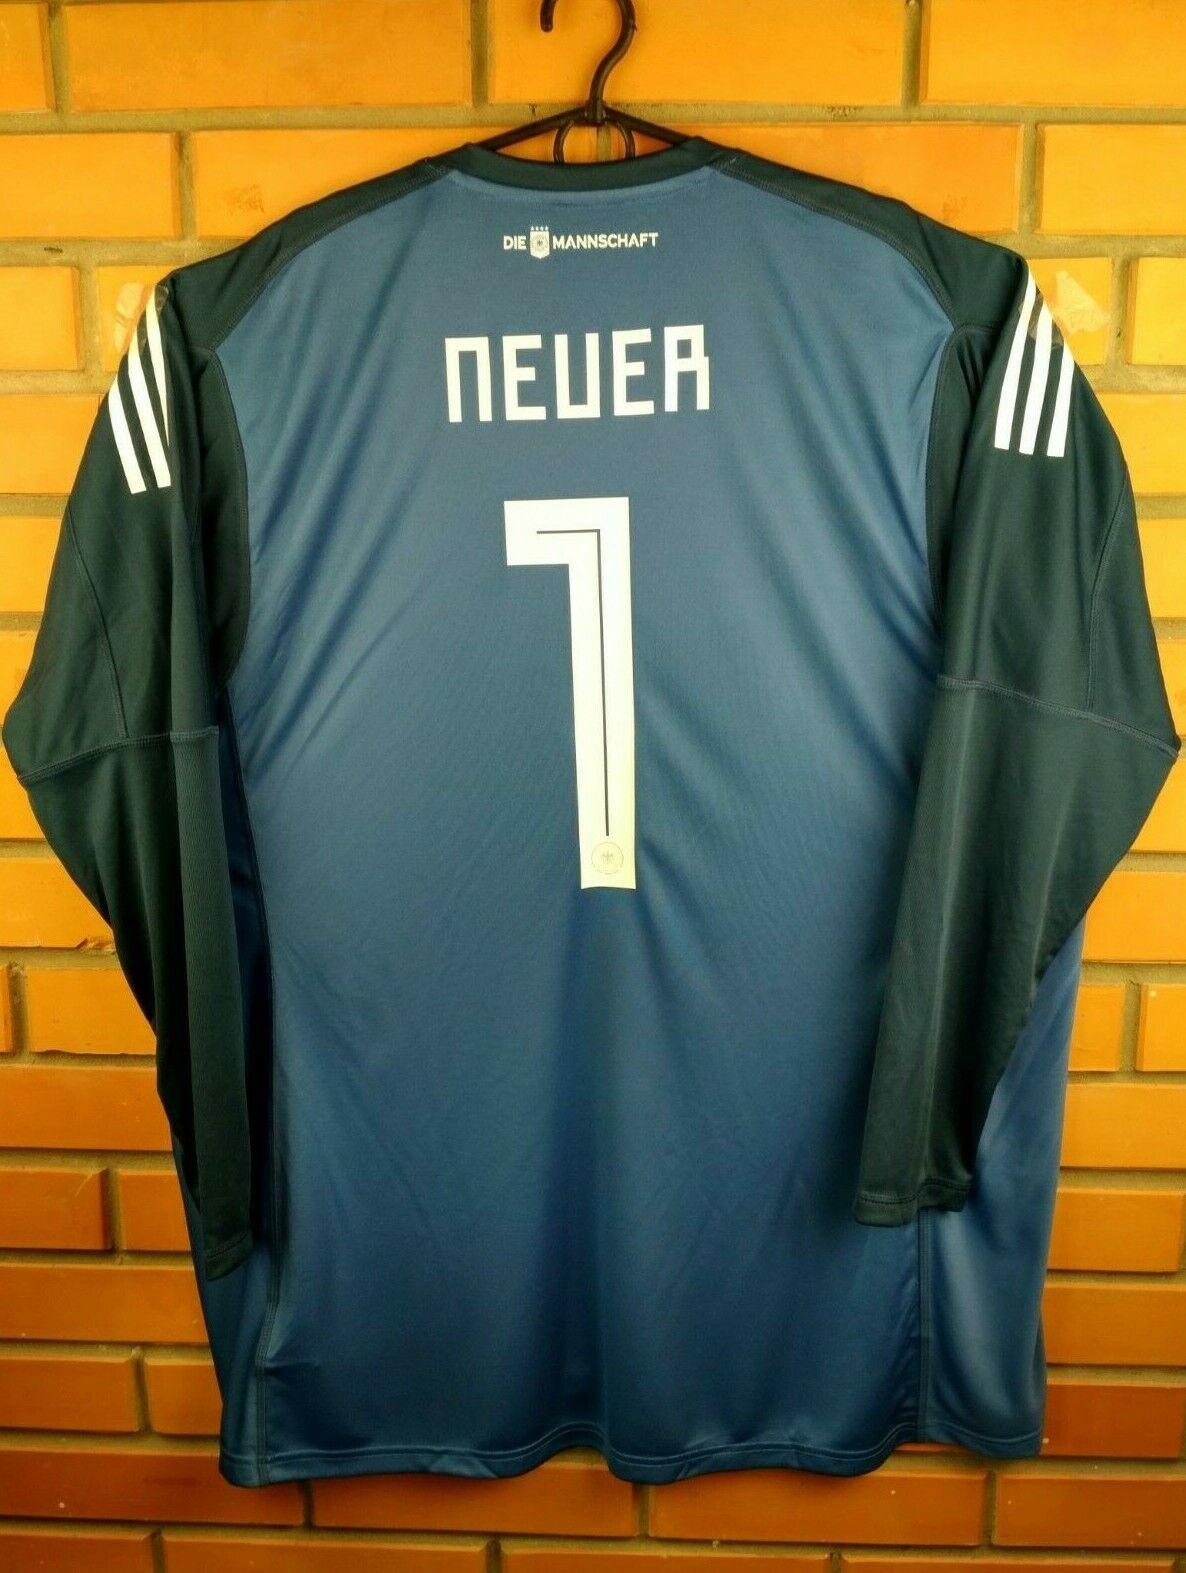 1010 Neuer Geruomoy soccer jersey XL 2018 goalkeeper shirt BR7831 Adidas